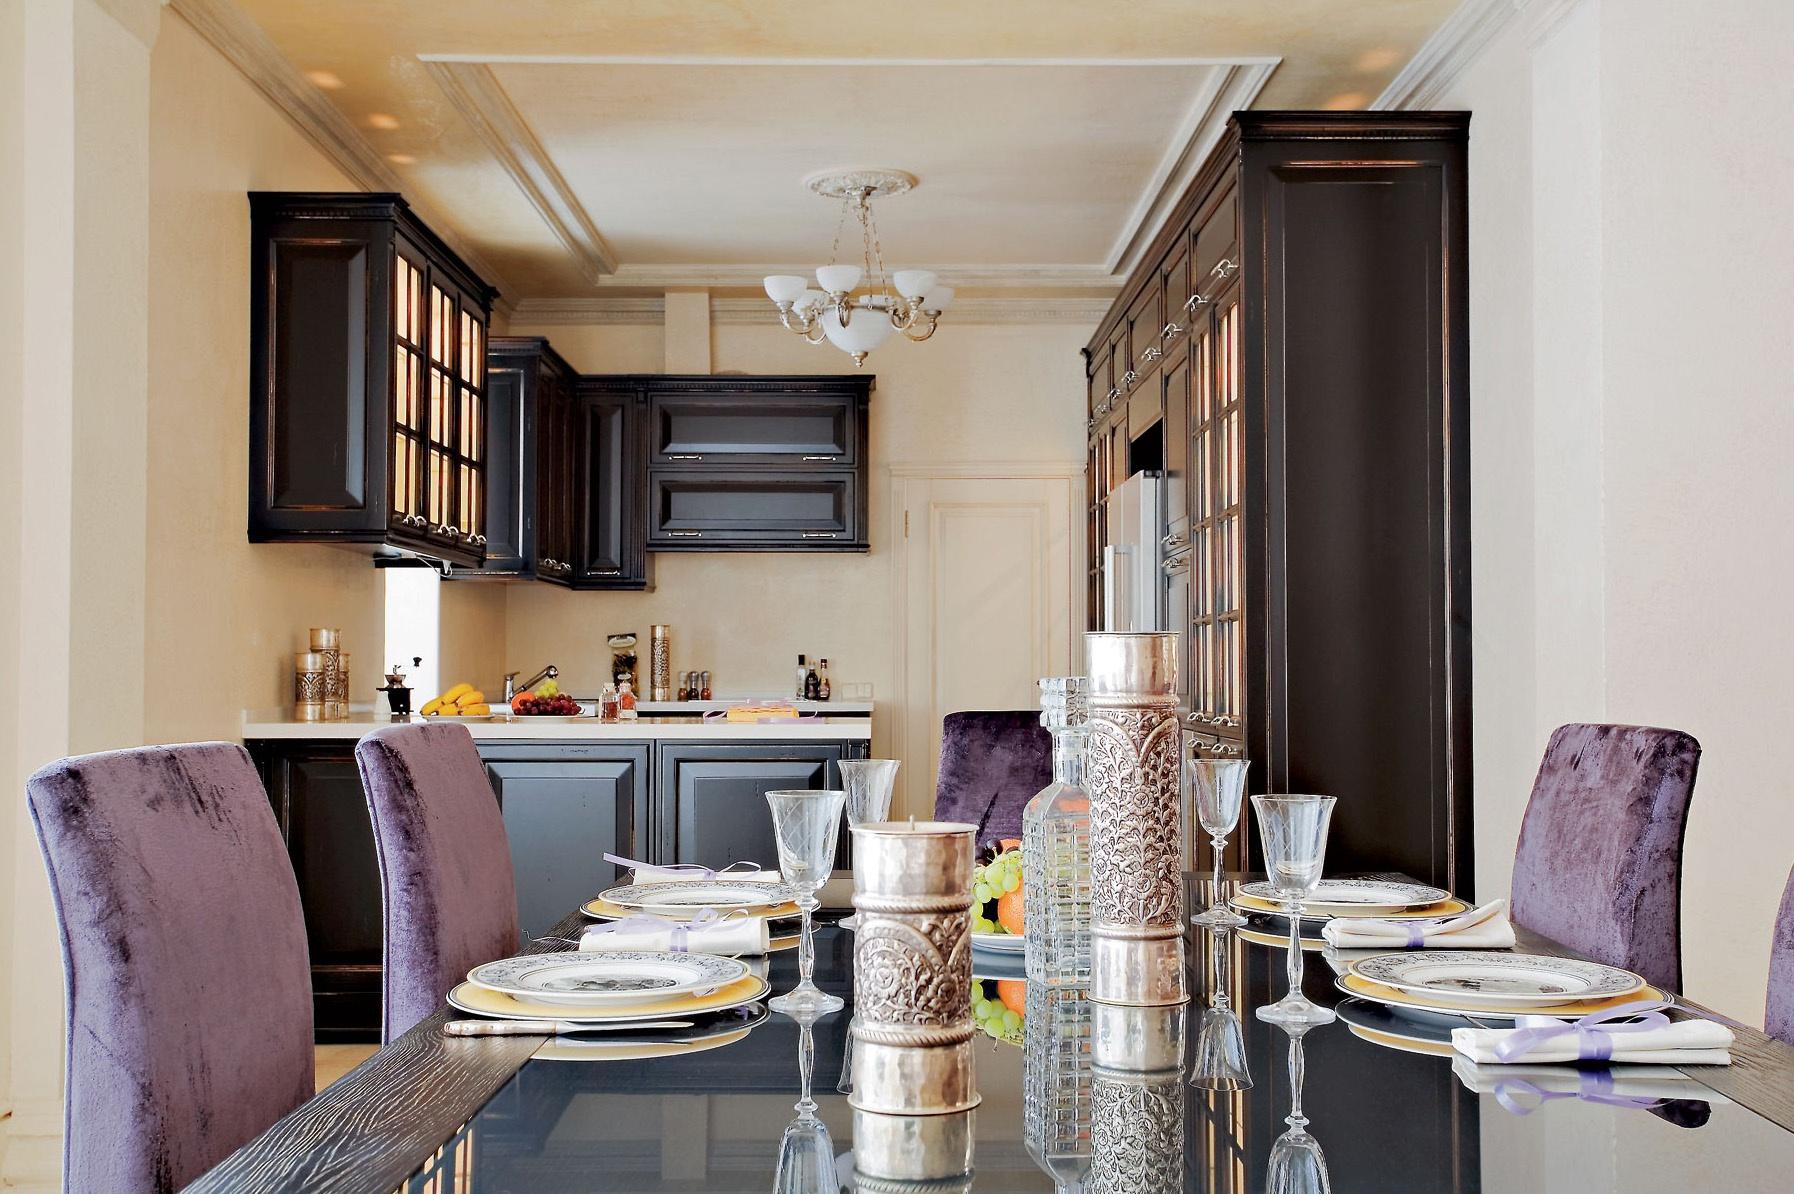 Восточный стиль на кухне создает атмосферу уюта и изыска